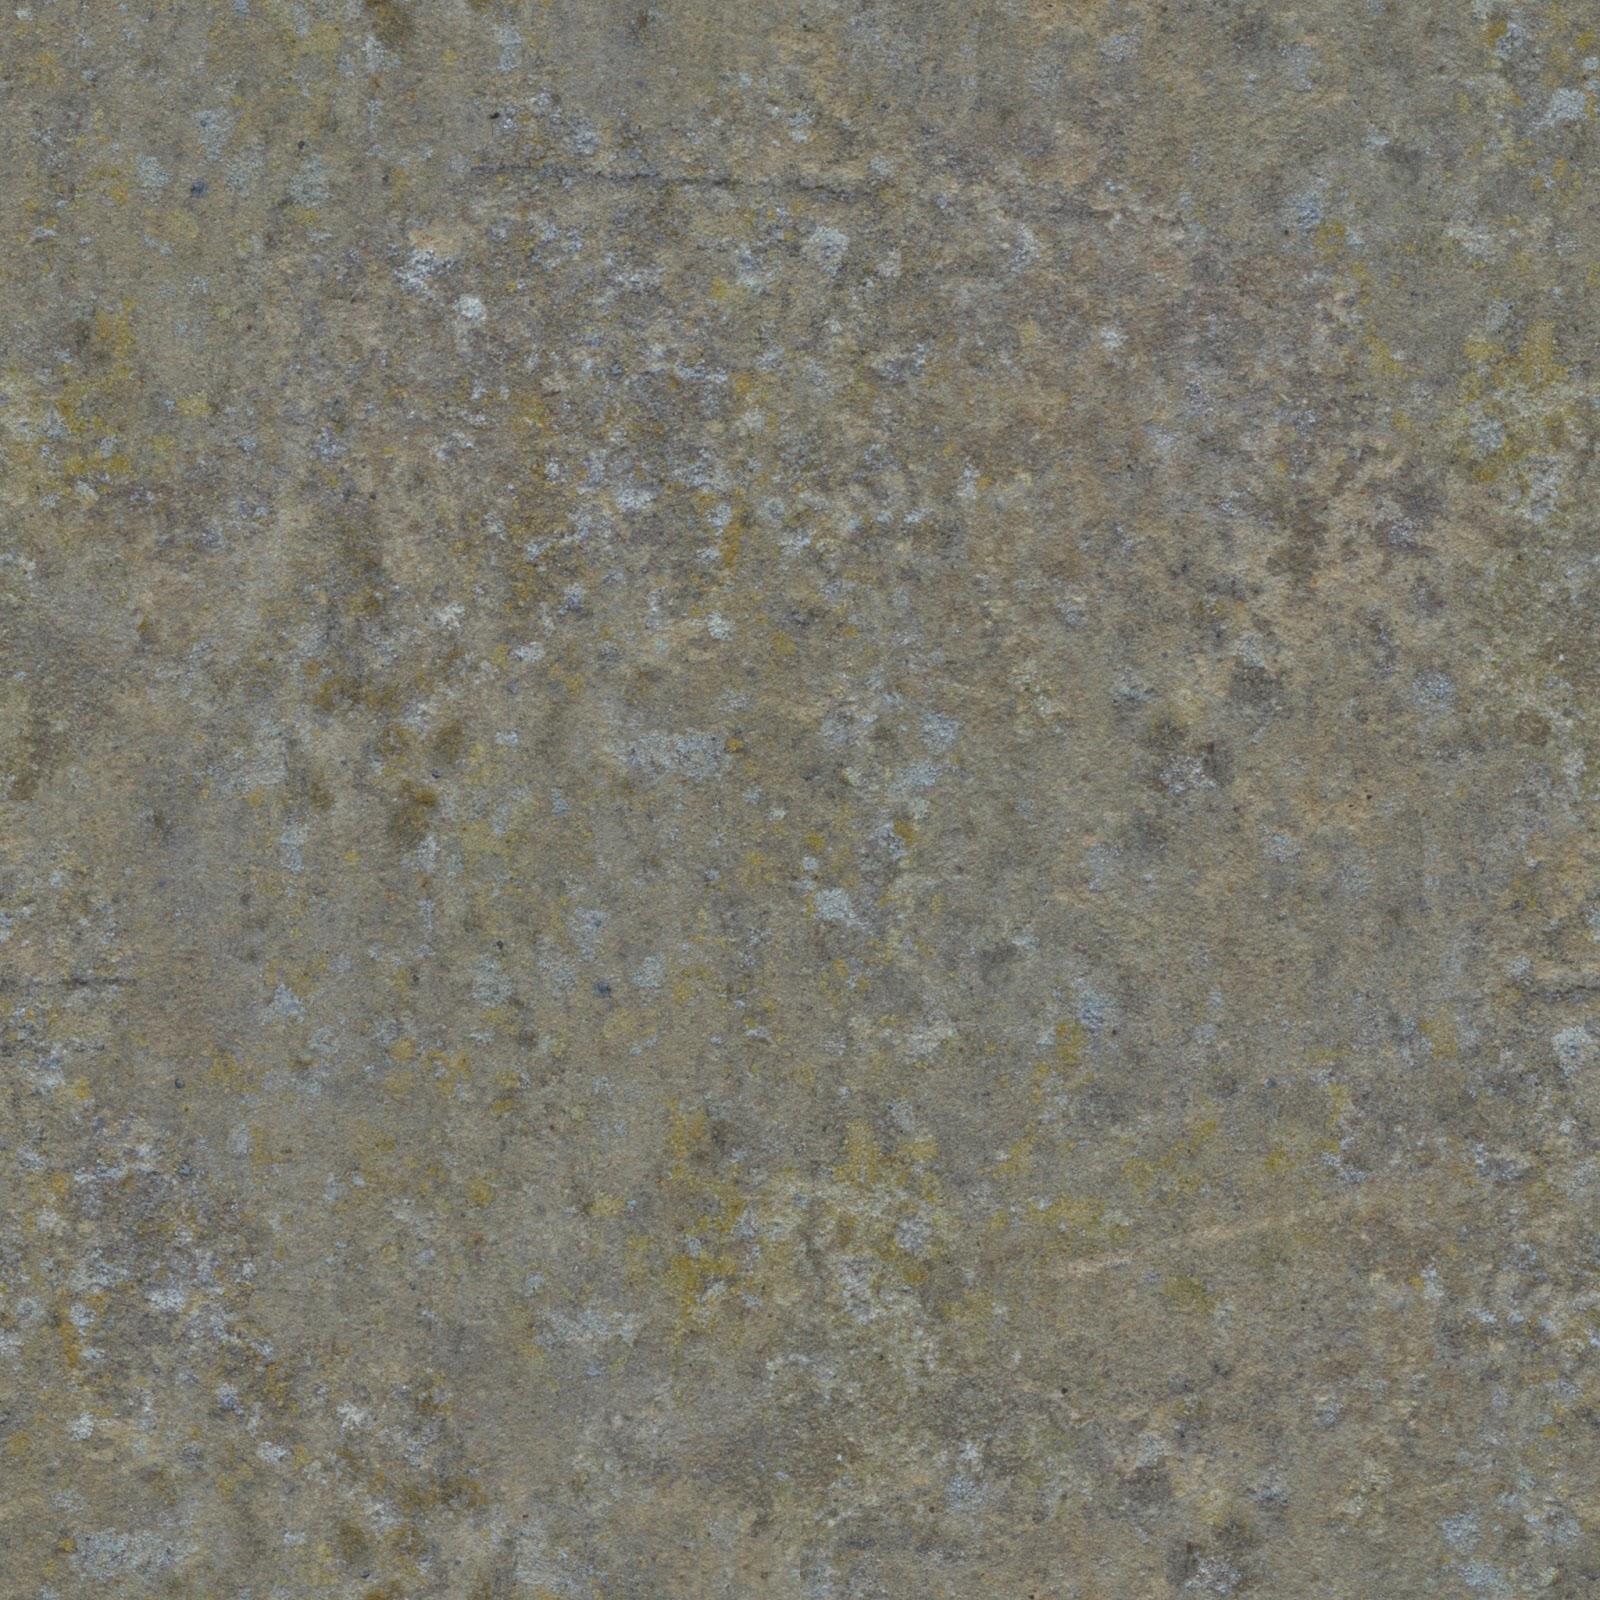 Wall plaster stucco grungy grunge moss seamless texture ver2 2048x2048